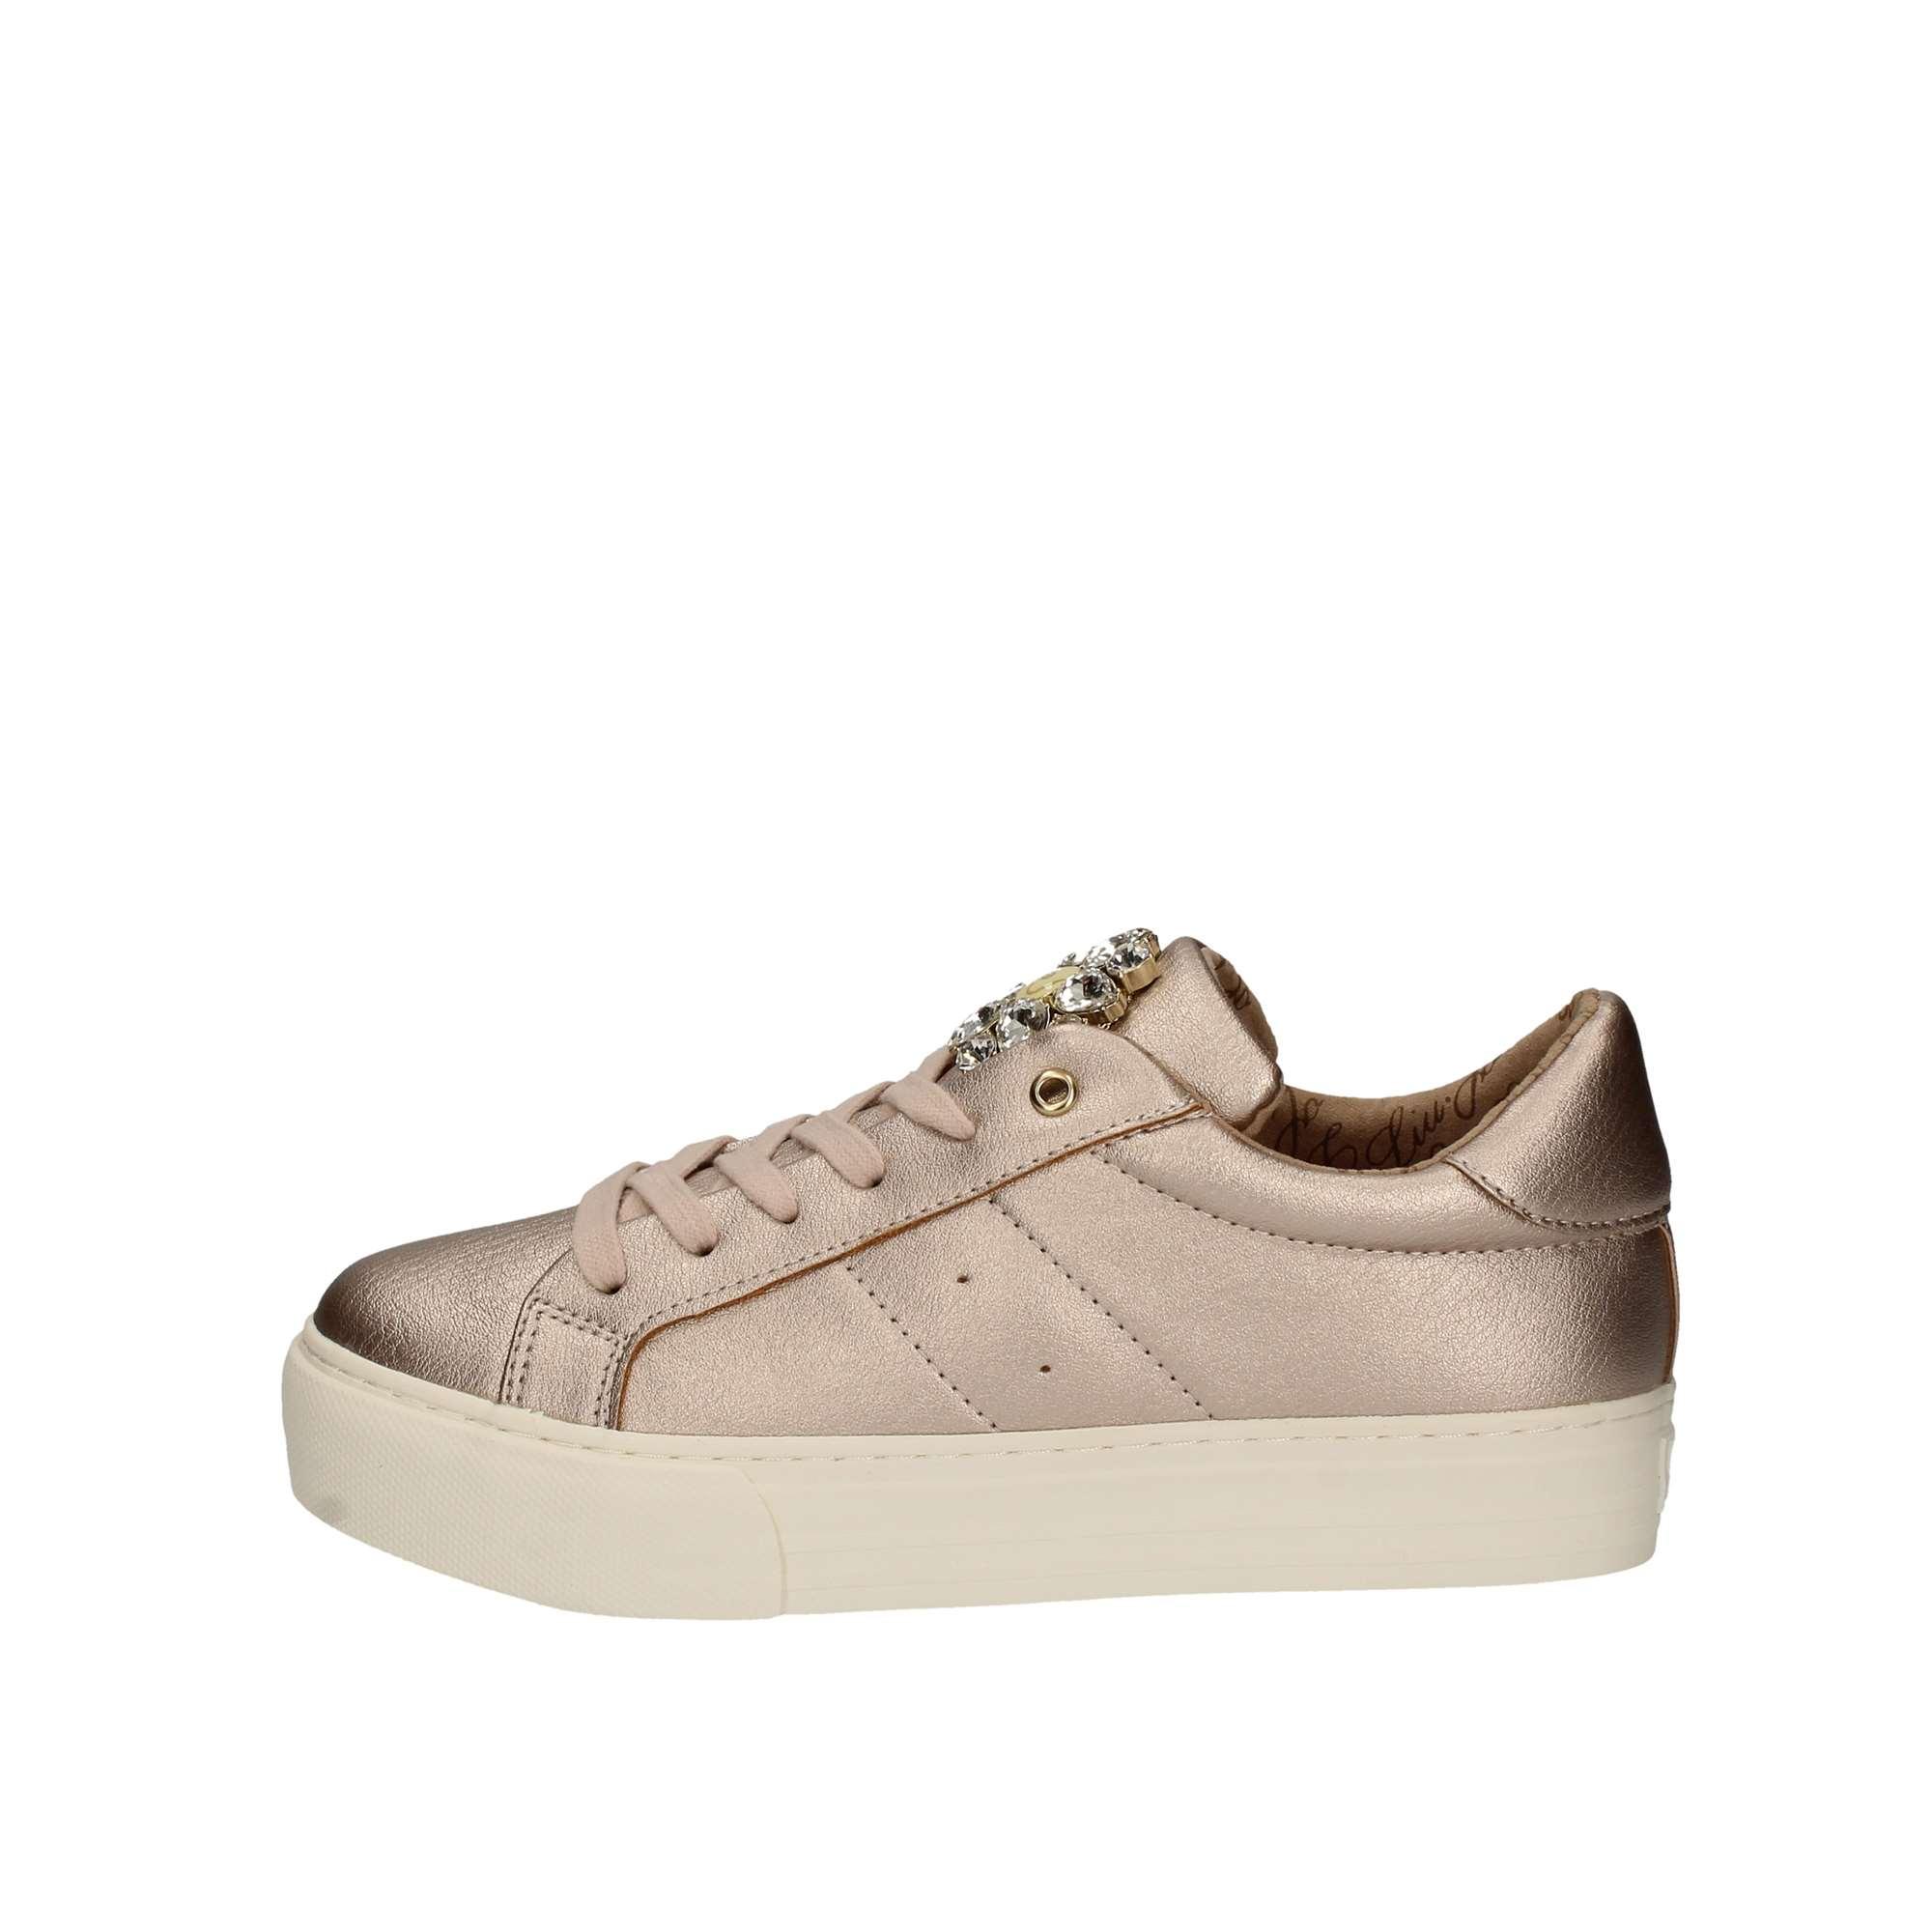 Liu Jo Girl Sneakers Donna L3A4-20029-0193  7e6a894abfa